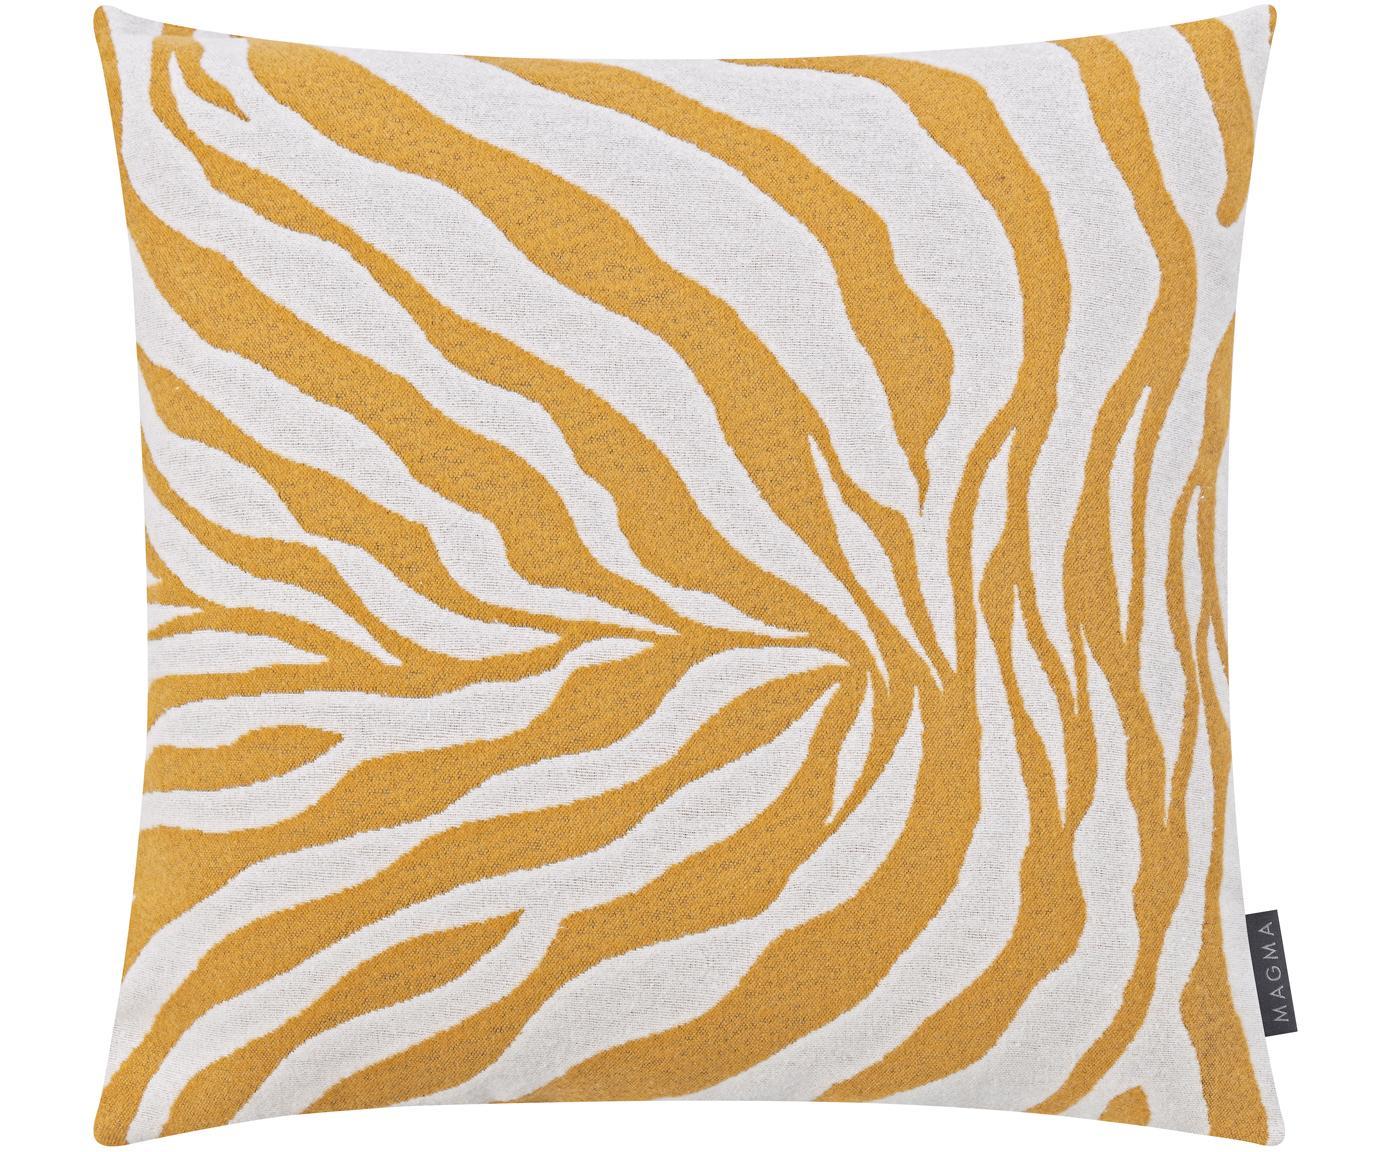 Kissenhülle Sana mit Zebra Print in Gelb/Weiss, Vorderseite: 59%Baumwolle, 41%Polyes, Webart: Jacquard, Senfgelb, Weiss, 50 x 50 cm